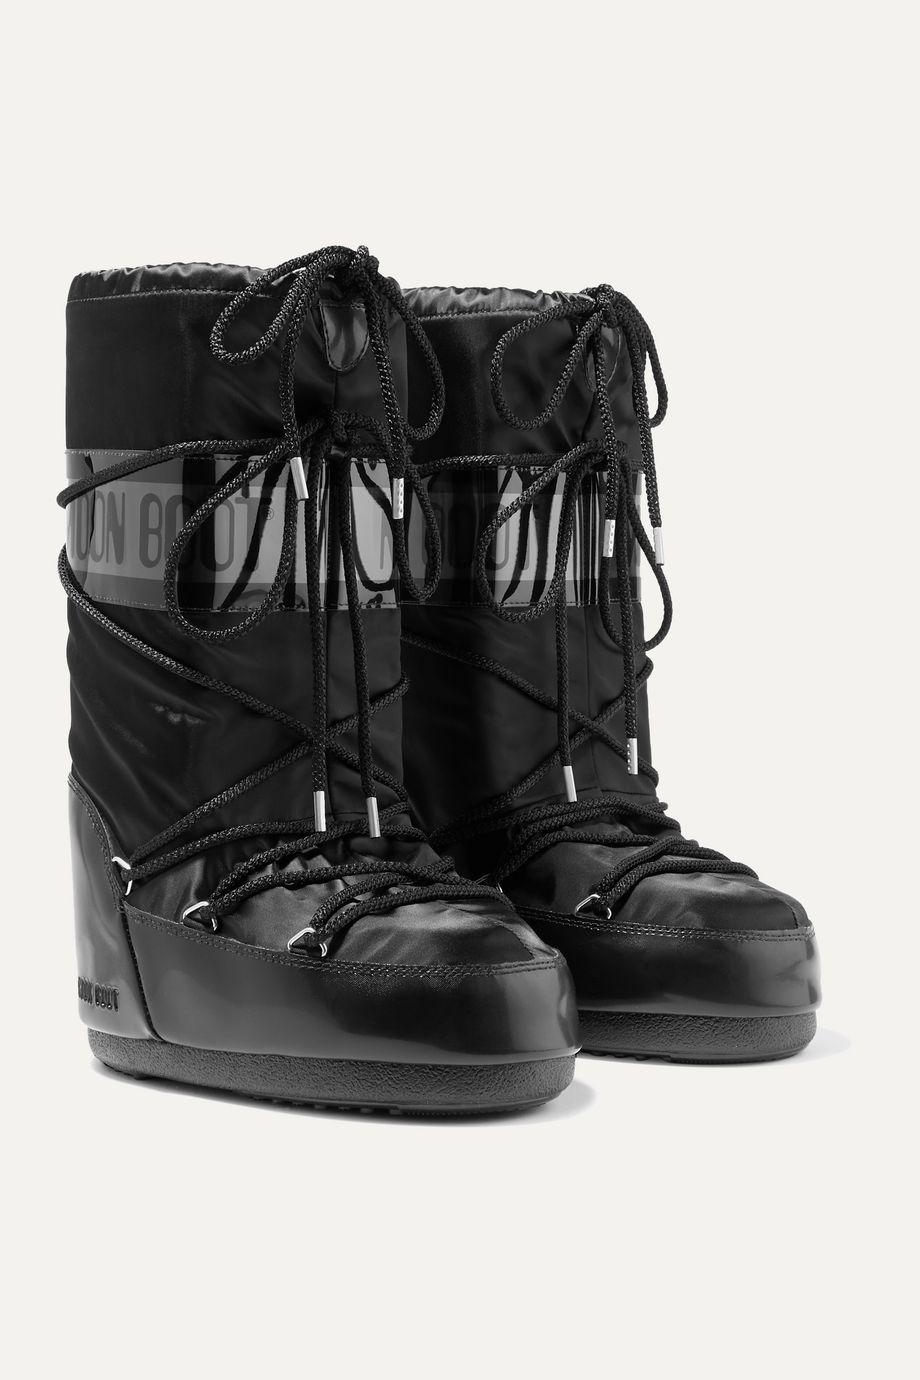 Moon Boot Kids 【20 月龄 - 10 岁】软壳面料漆光面料雪地靴